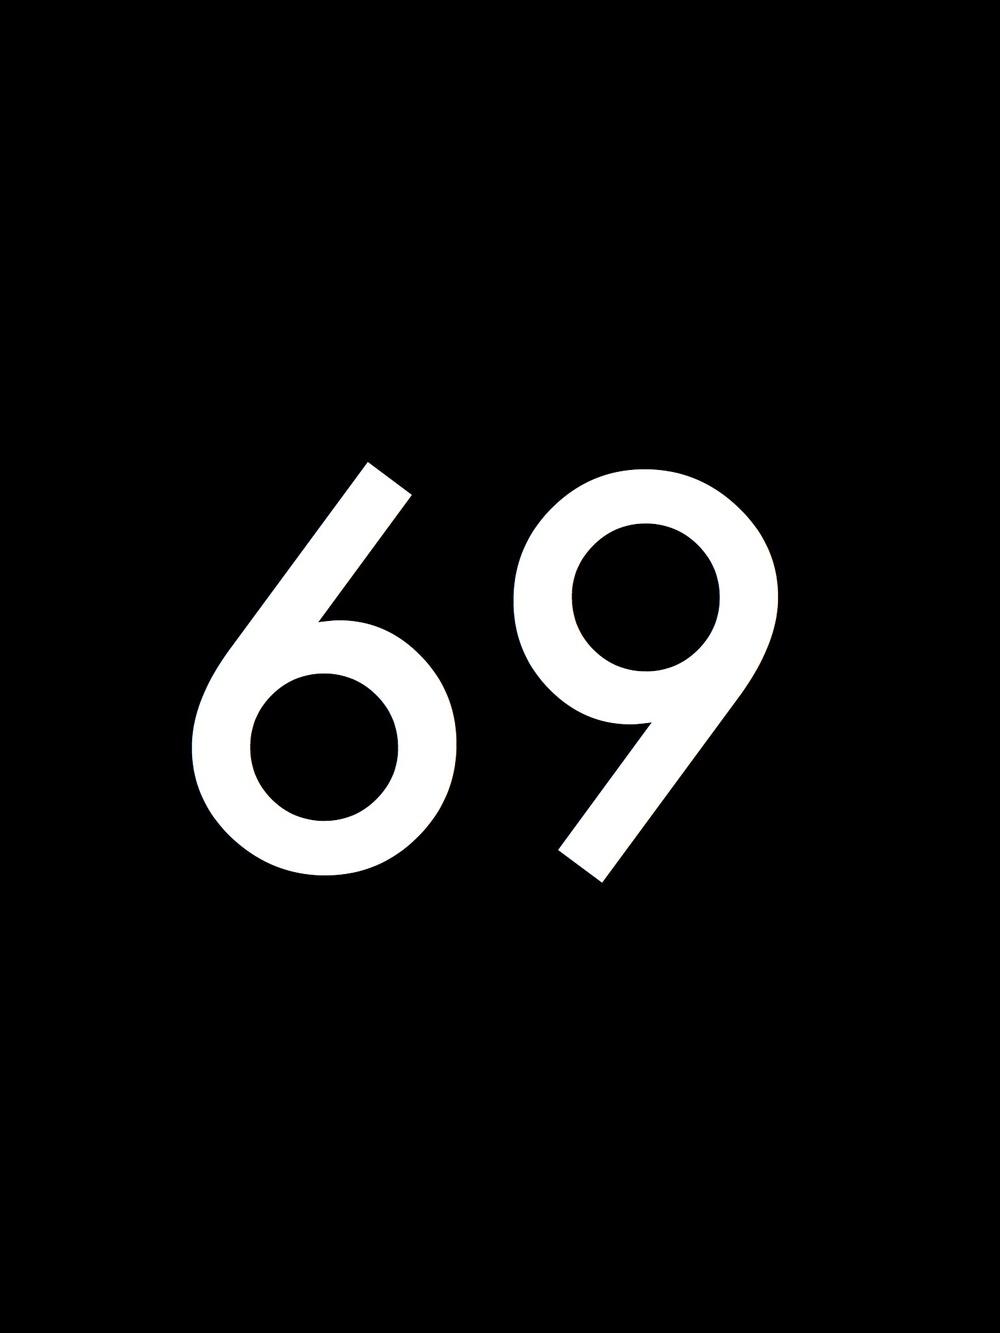 Black_Number.069.jpg